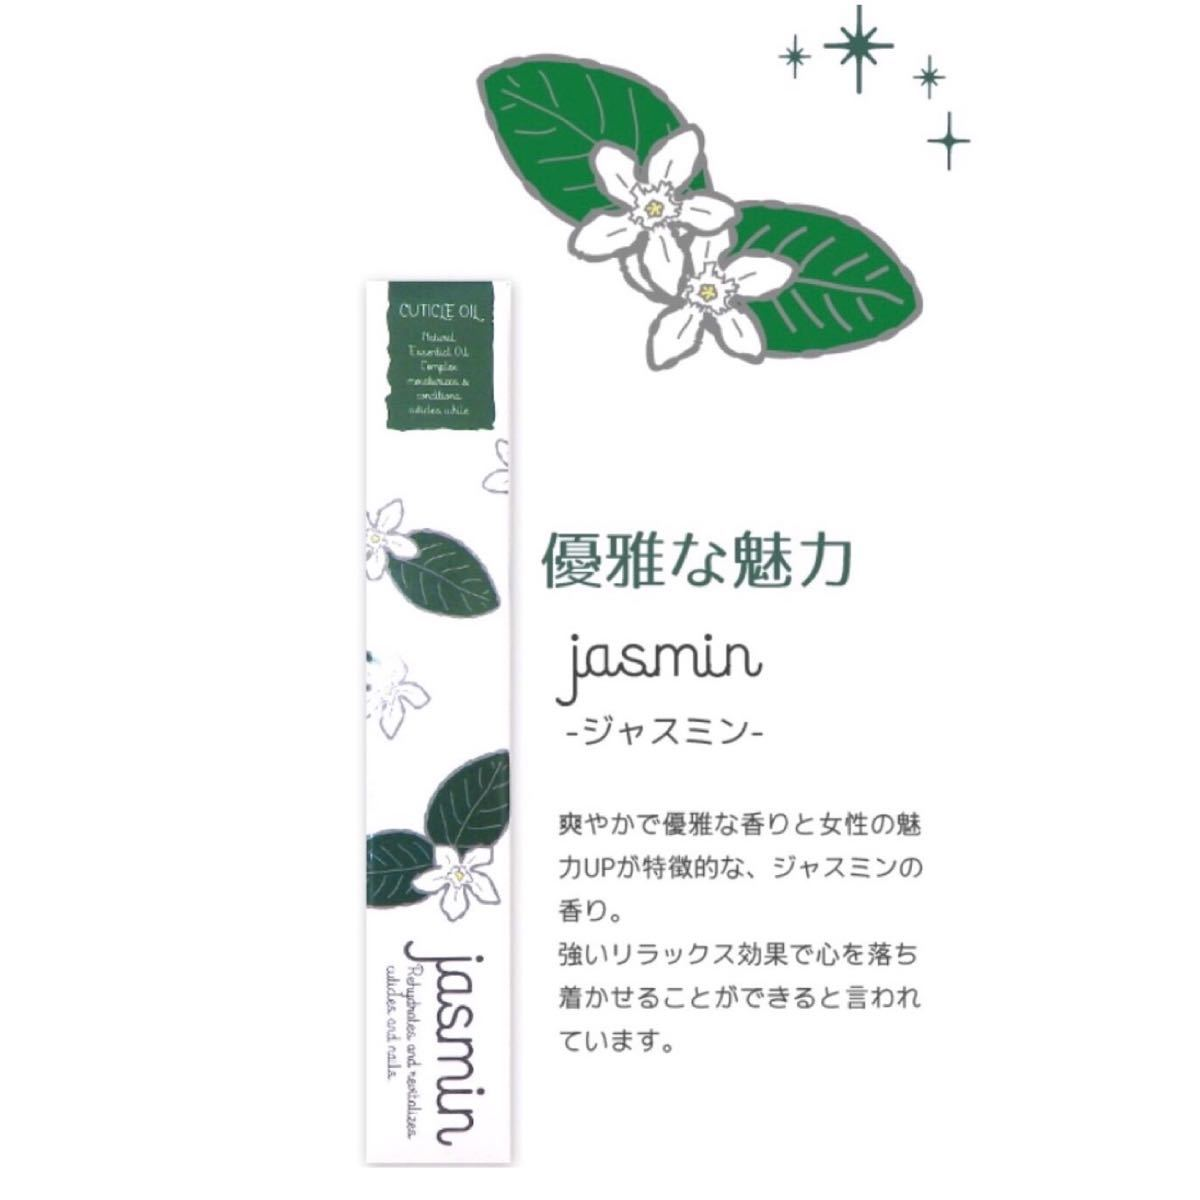 キューティクルオイル☆ラベンダー&ジャスミン